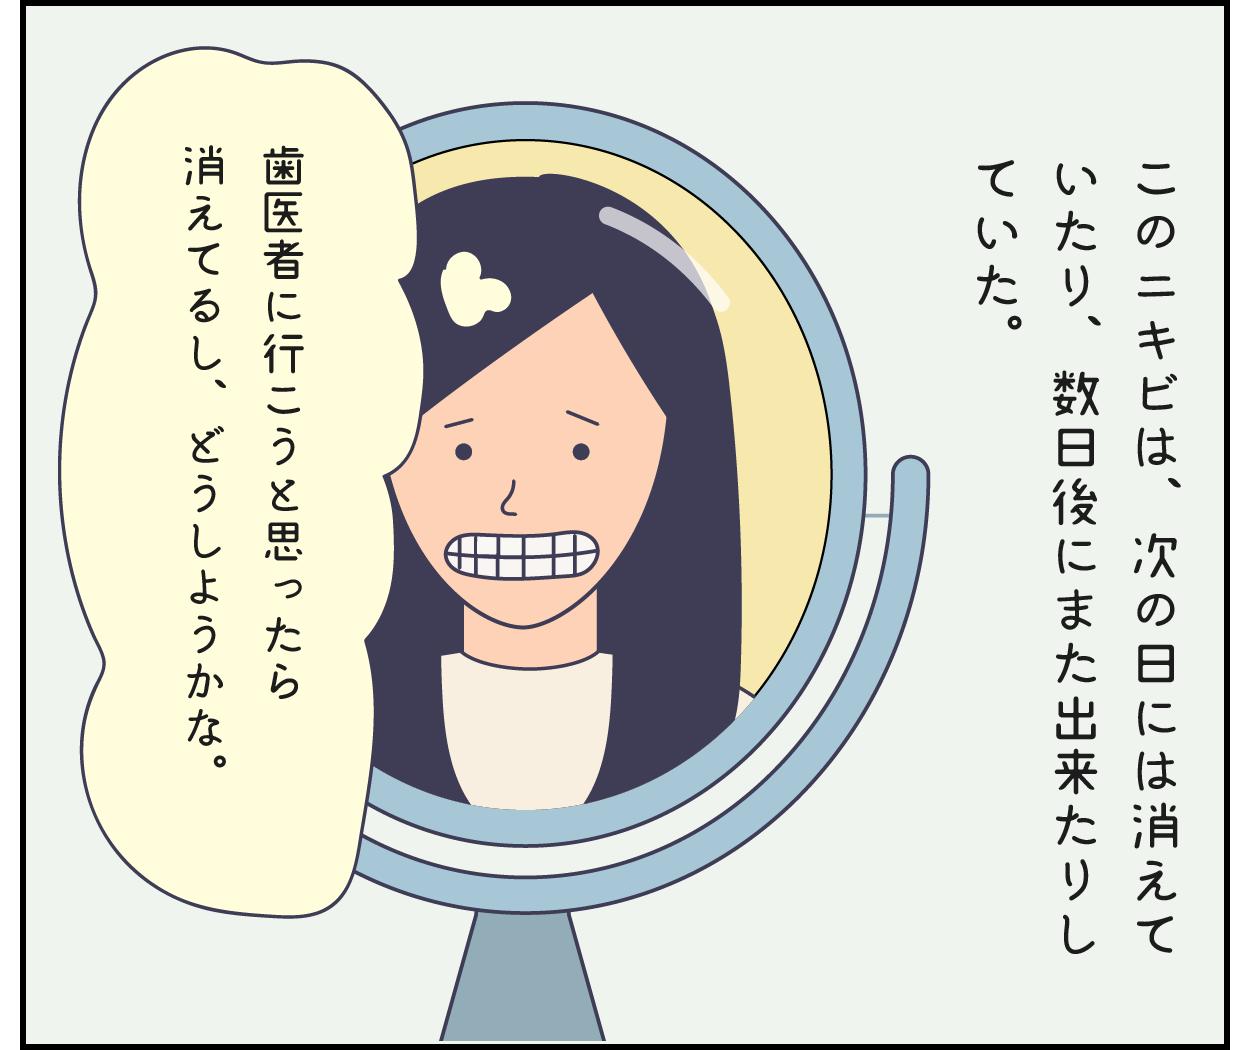 歯医者 歯茎 前歯